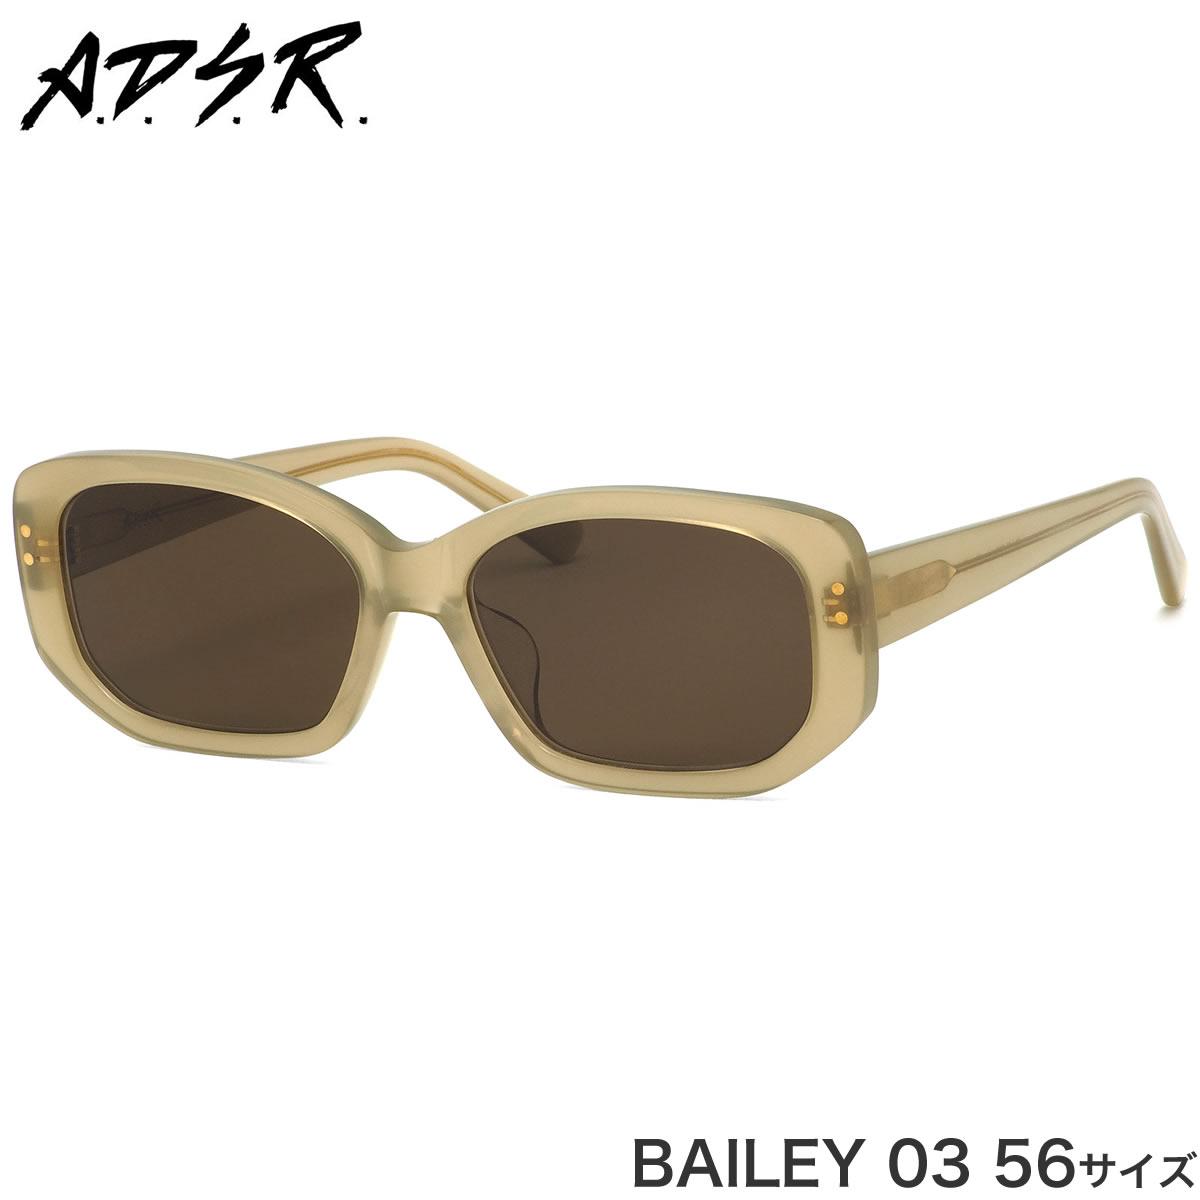 A.D.S.R. エーディーエスアール サングラス BAILEY 03 56サイズ